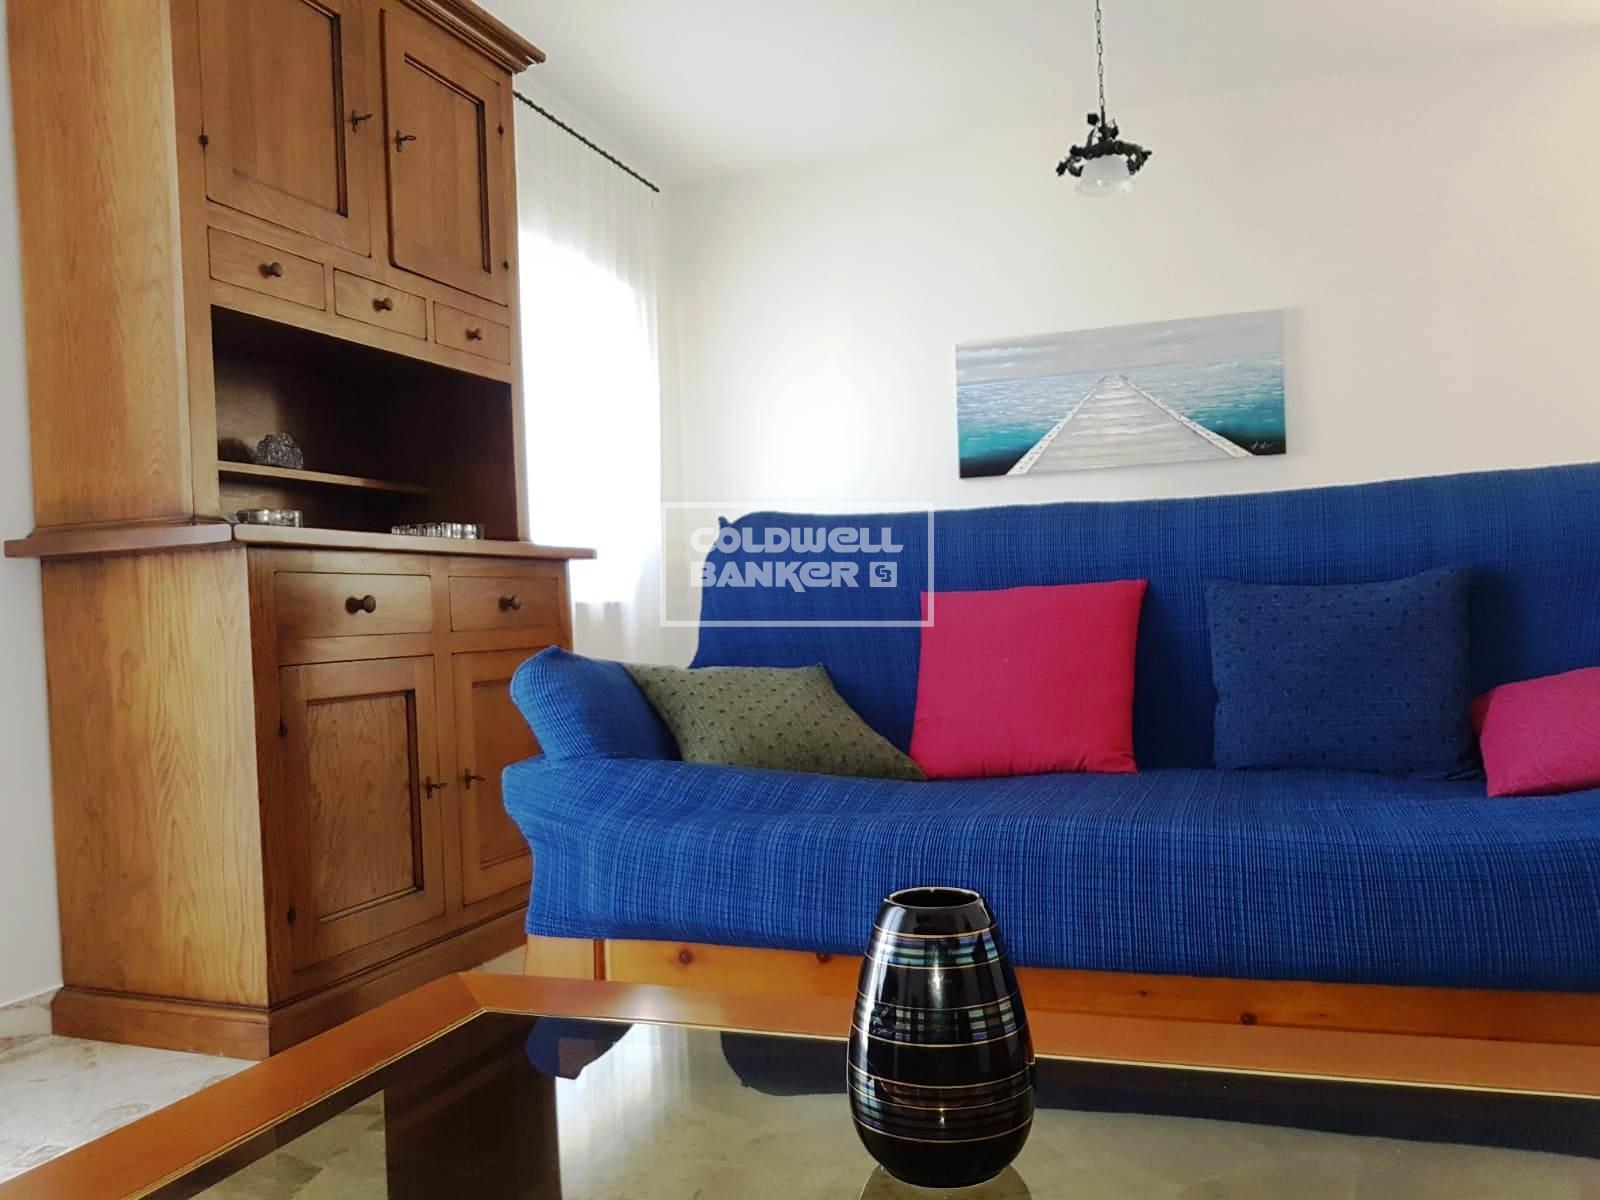 Appartamento BRINDISI vendita  Commenda  Coldwell Banker Millenia